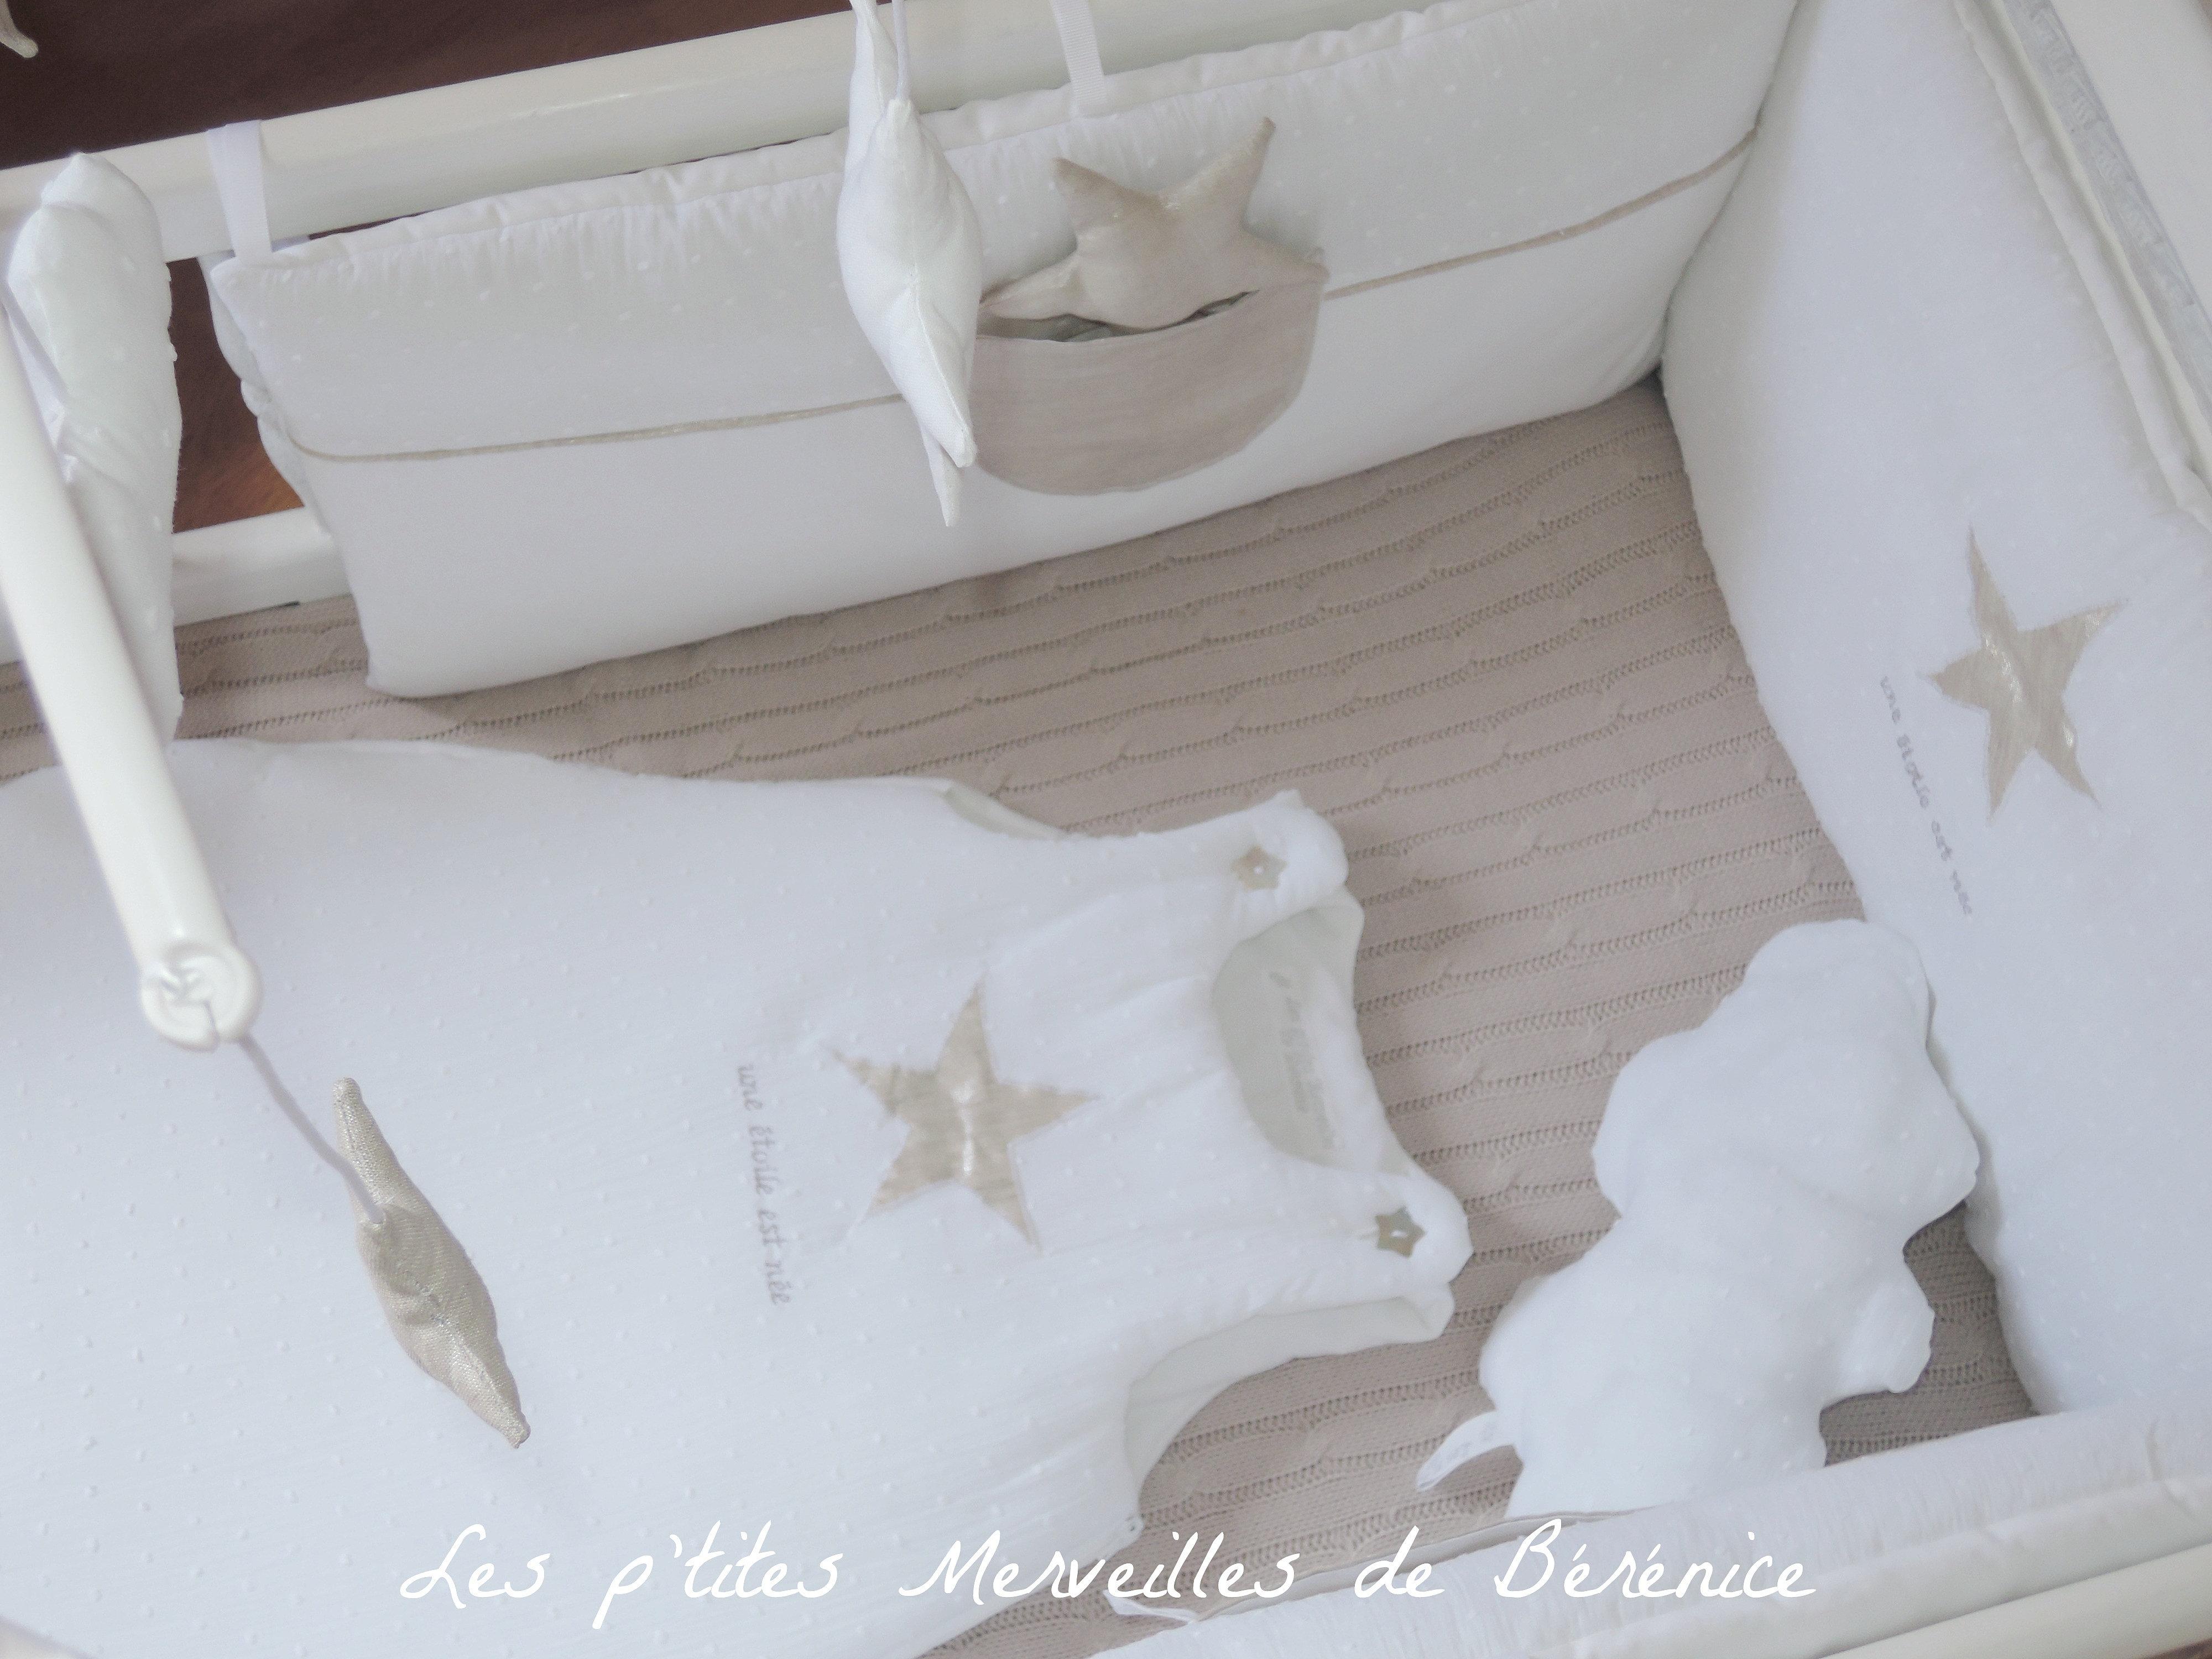 Les p 39 tites merveilles de b r nice tour de lit for Housse tour de lit